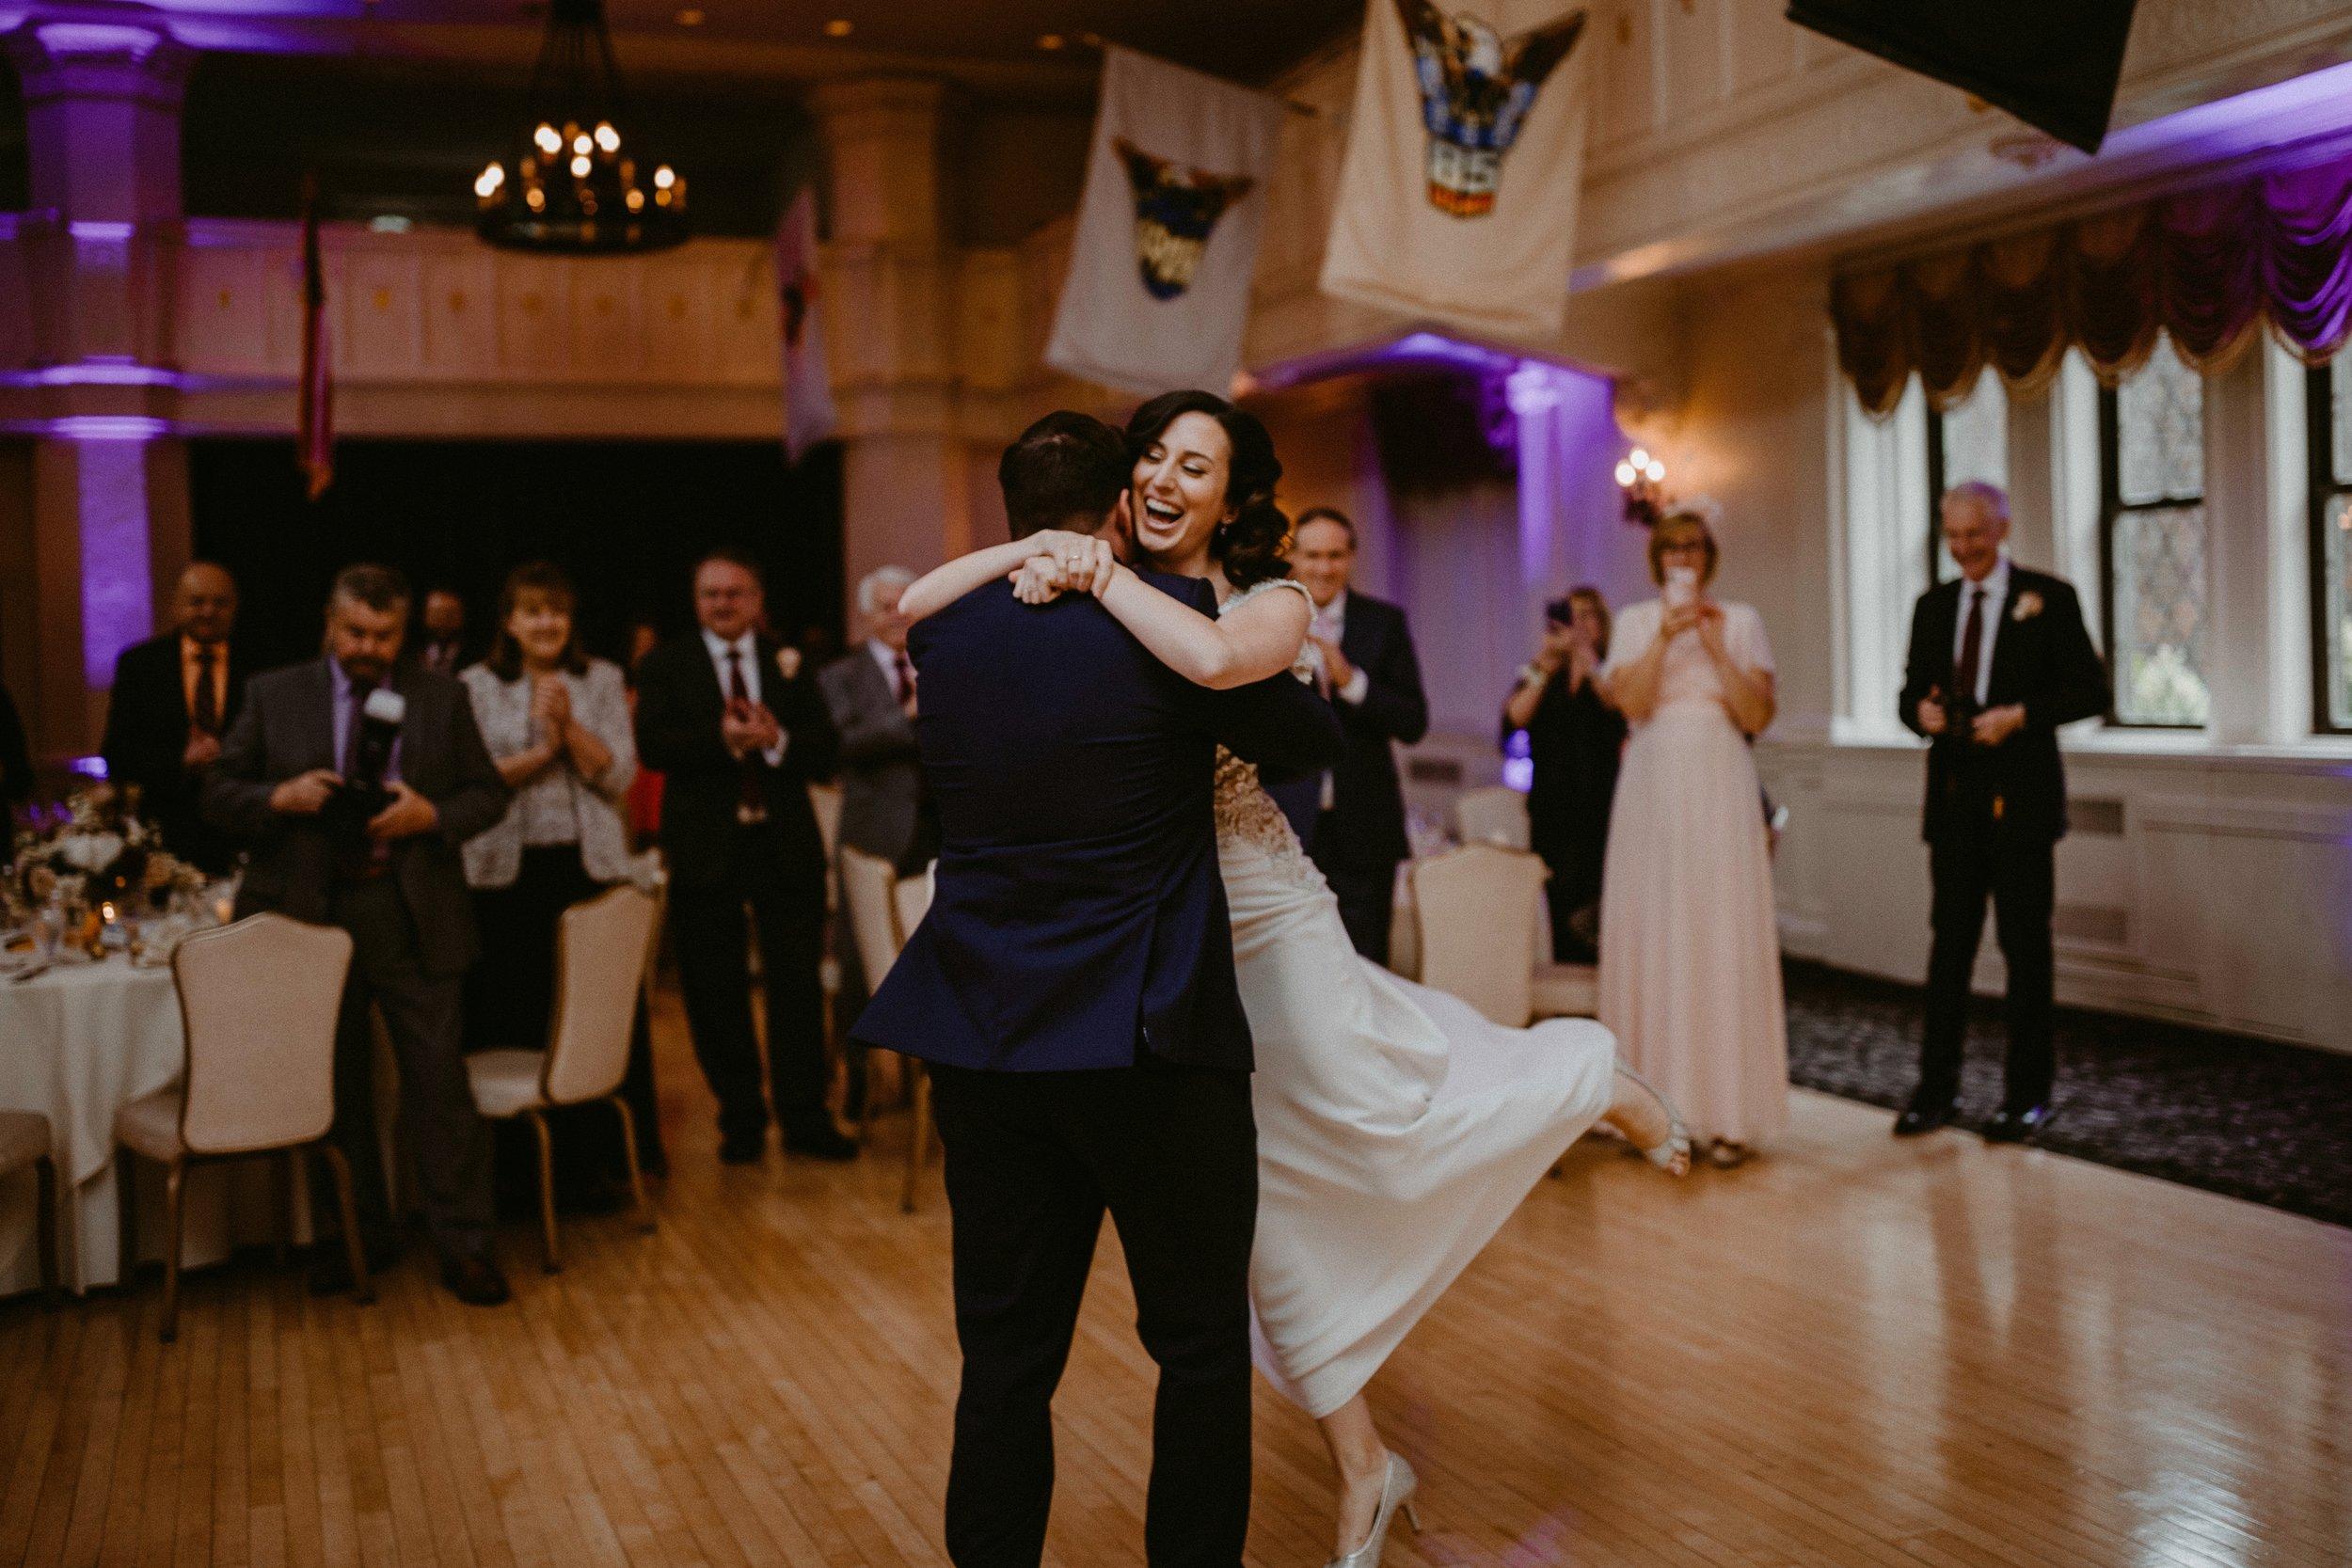 LaurenandAlex-weddingpreviews(25of35).jpg